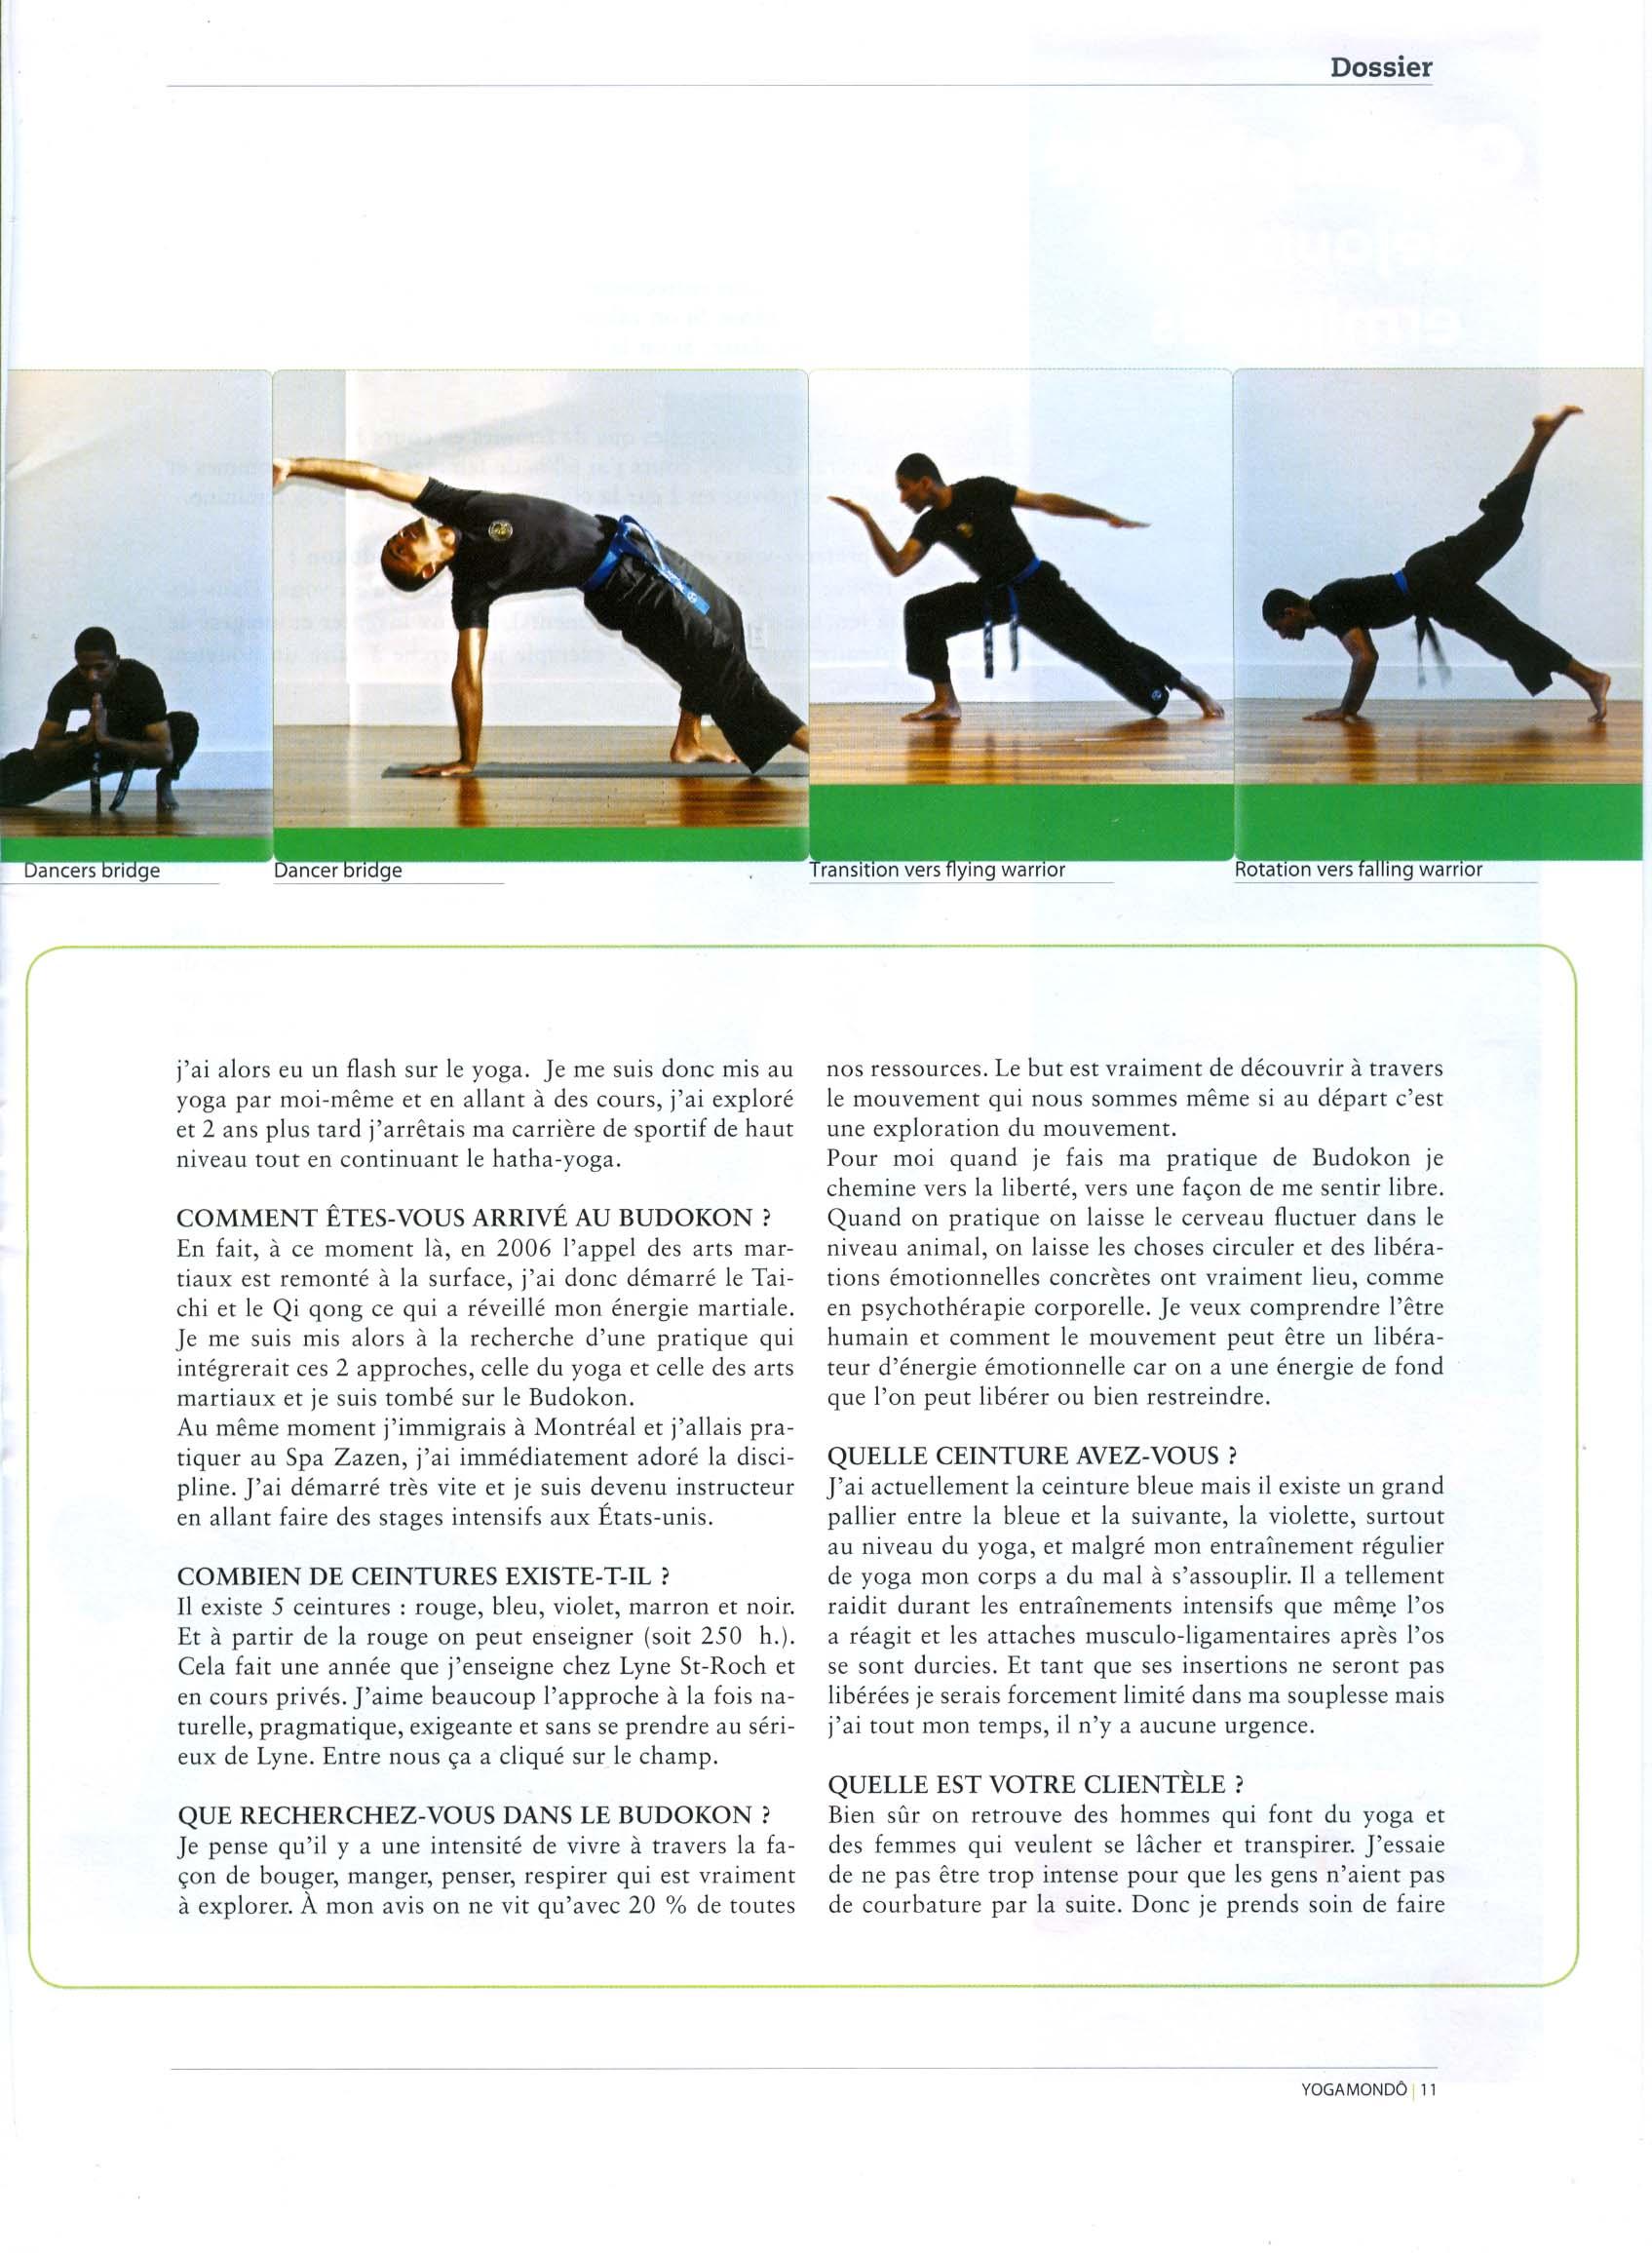 yogamondo - 3.jpg